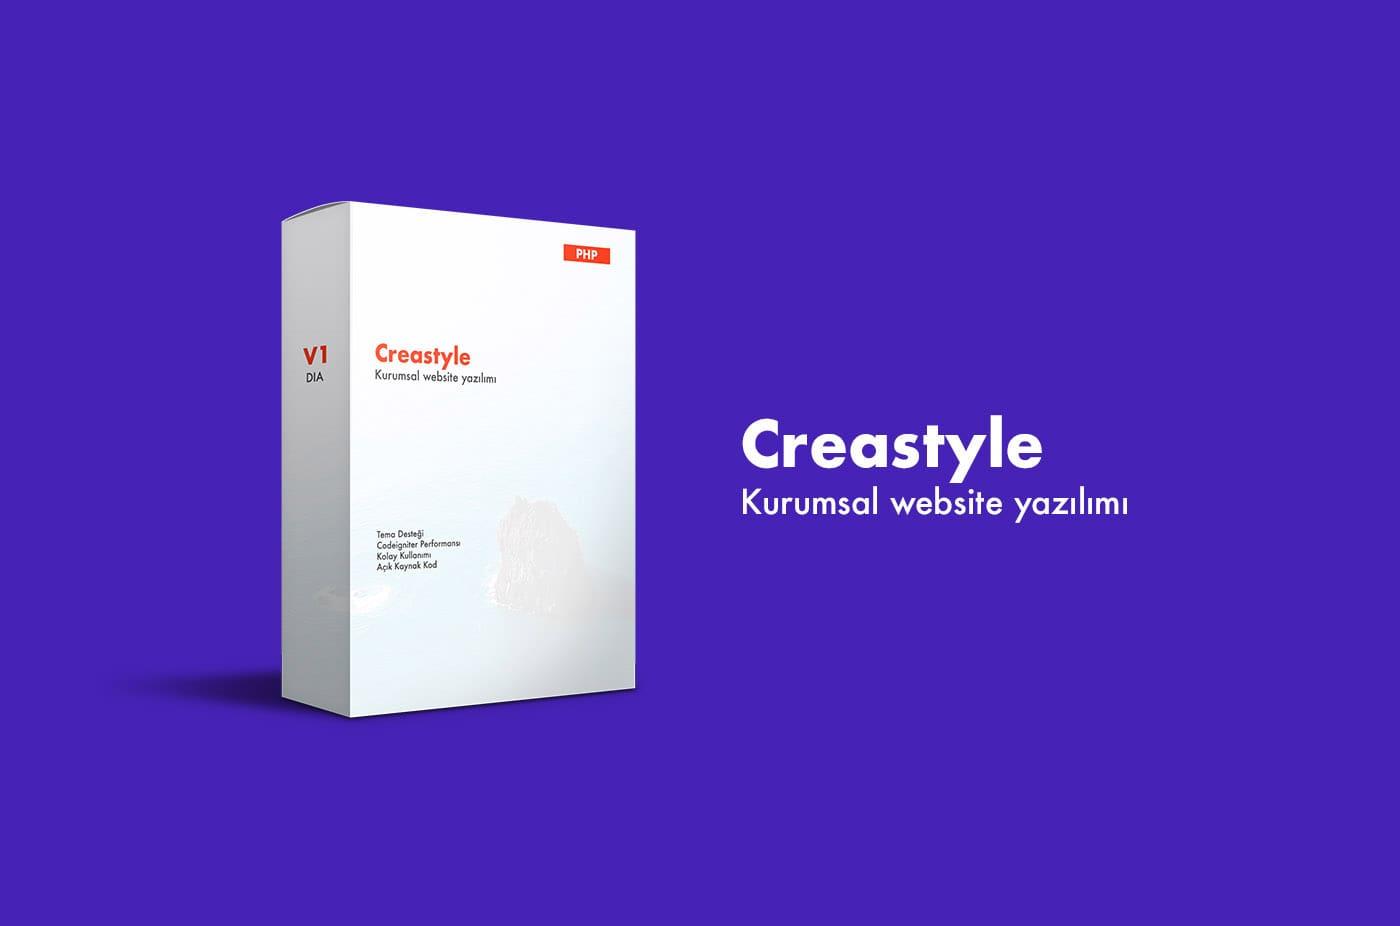 Creastyle Kurumsal Firma Yazılımı